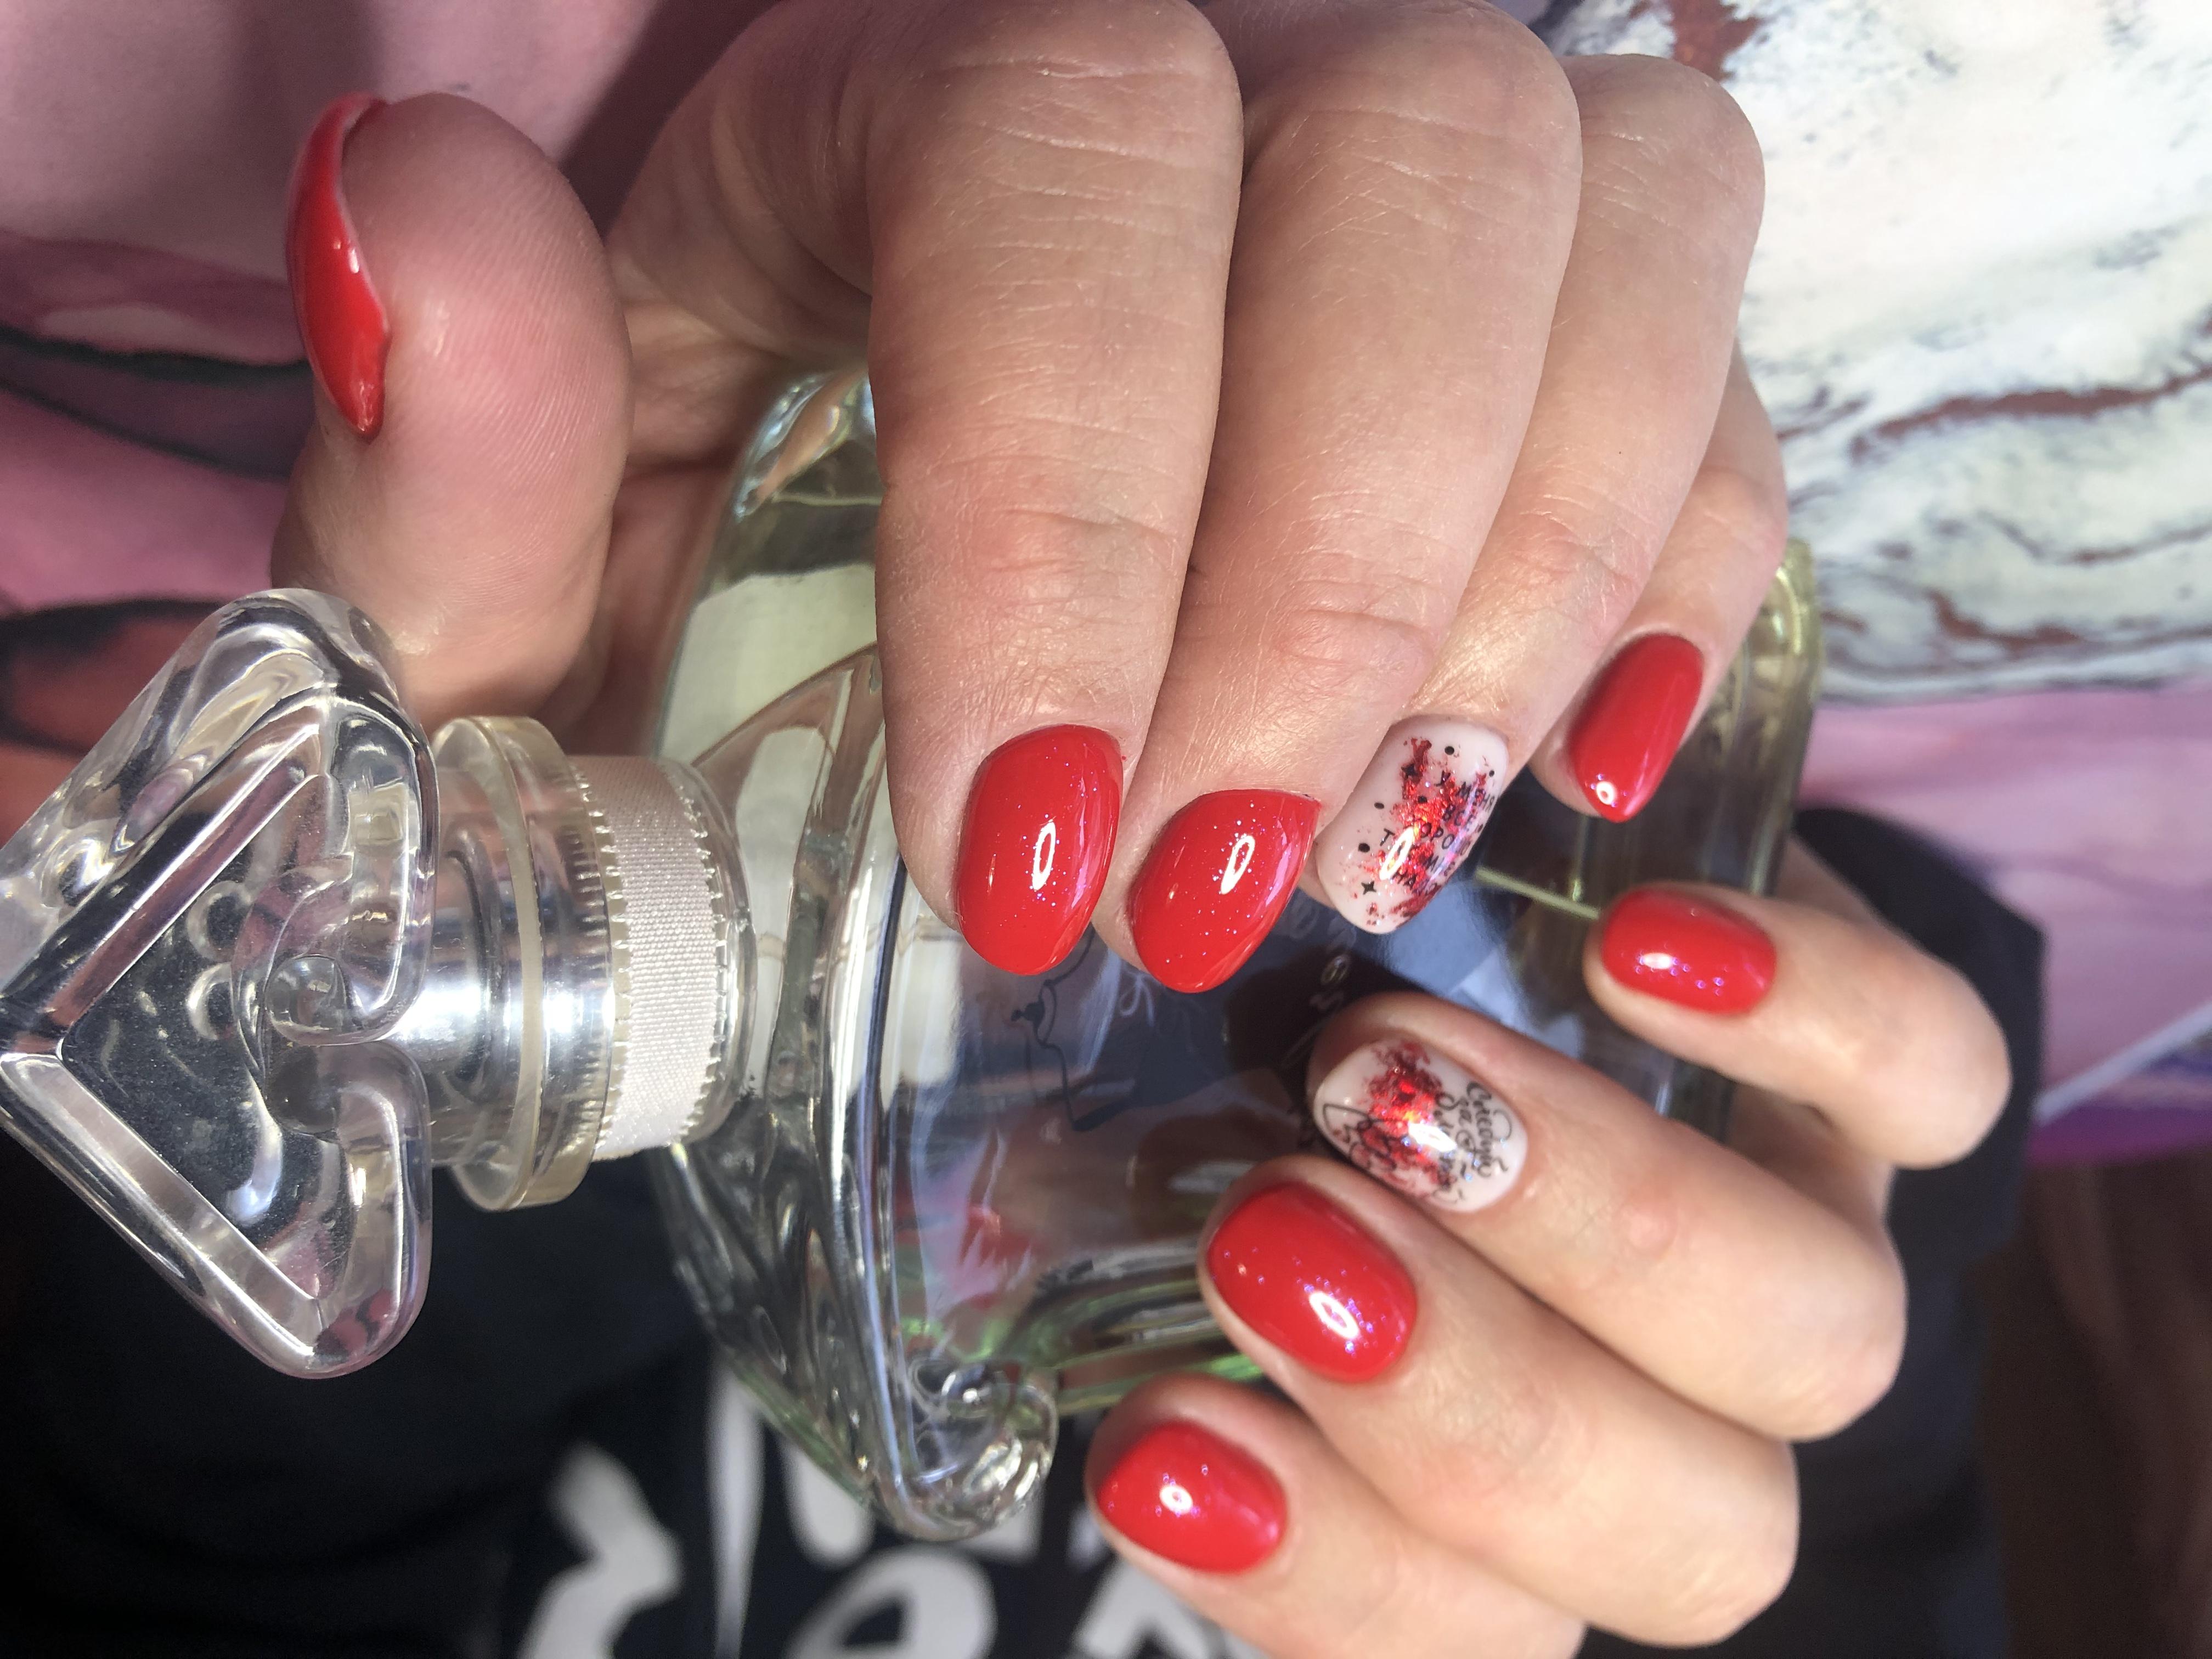 Маникюр с абстрактным рисунком в красном цвете на короткие ногти.